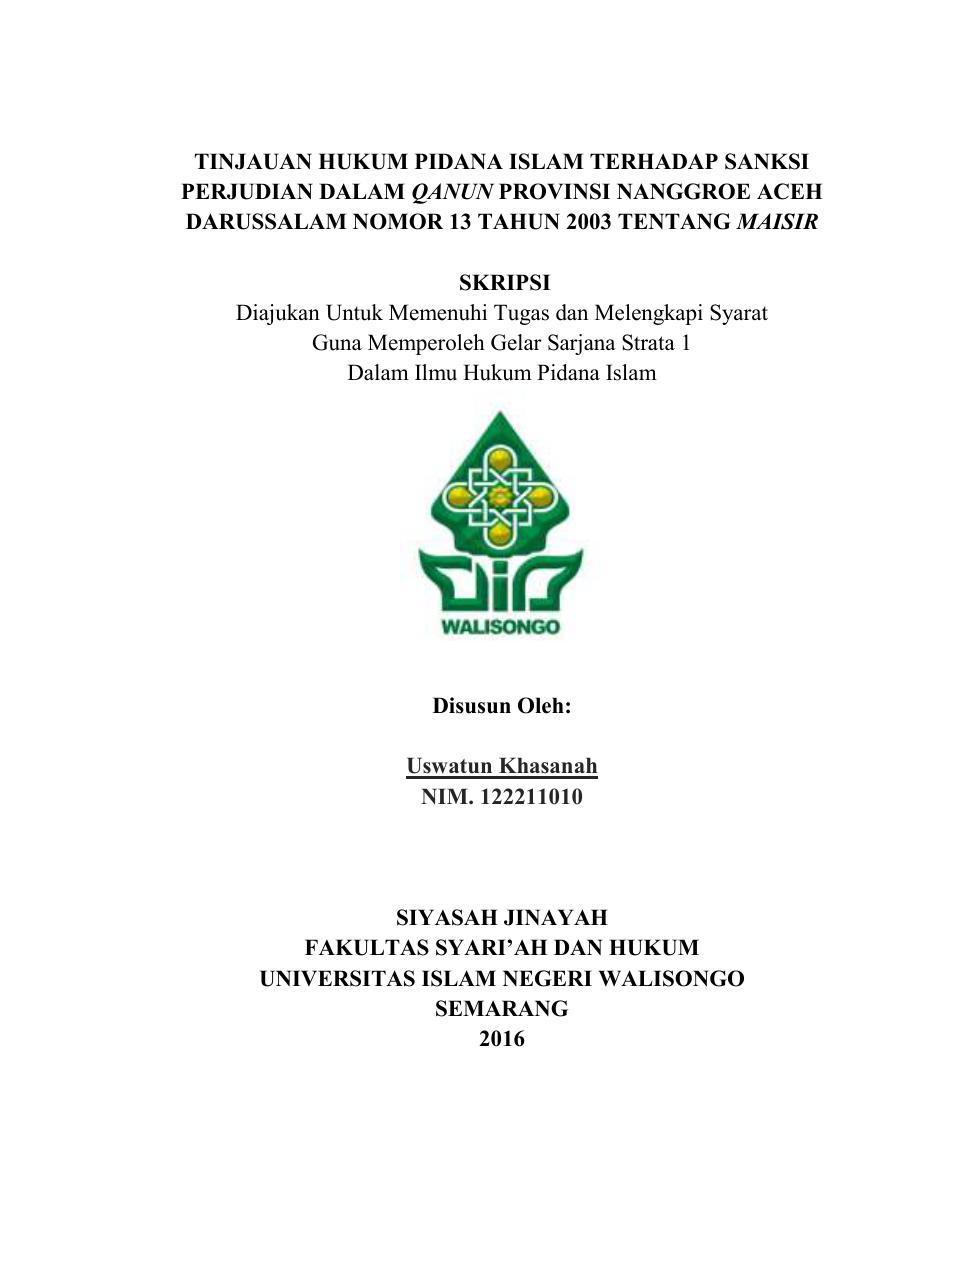 Tinjauan Hukum Pidana Islam Terhadap Sanksi